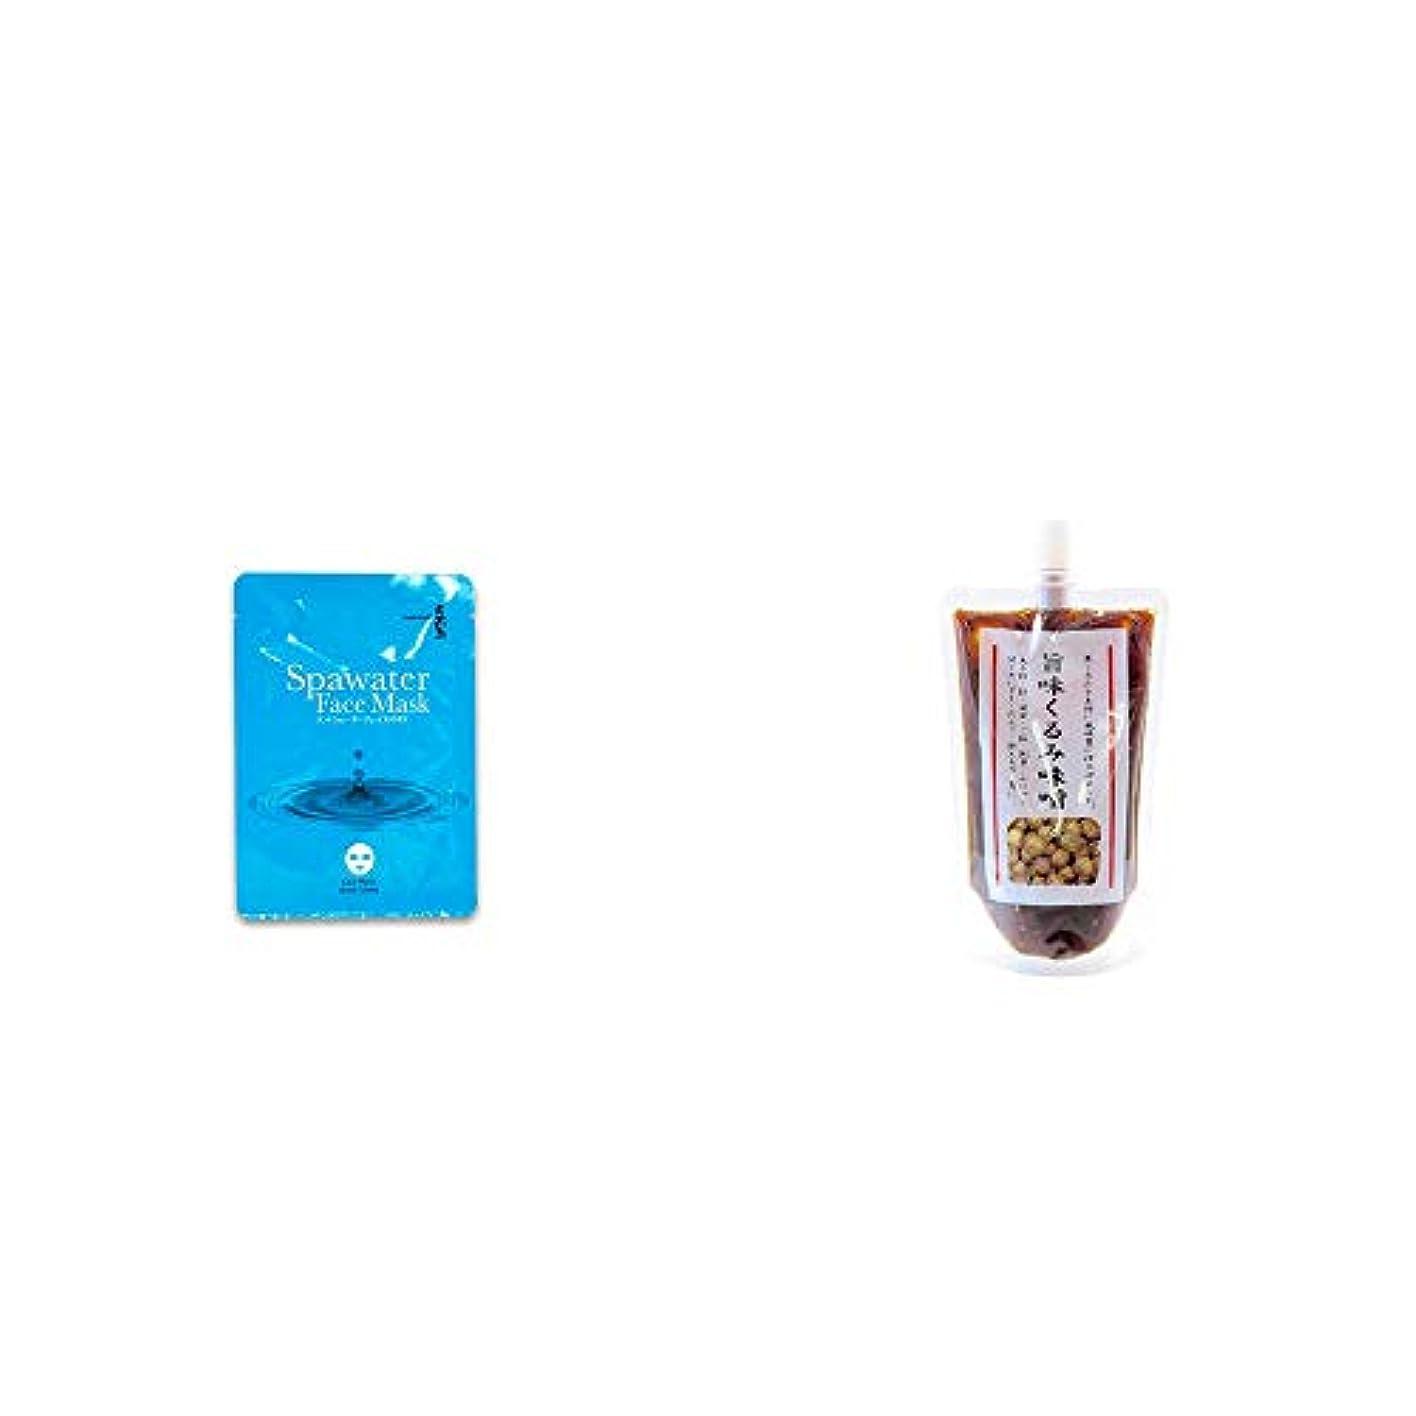 ネーピアドロップ不良[2点セット] ひのき炭黒泉 スパウォーターフェイスマスク(18ml×3枚入)?旨味くるみ味噌(260g)